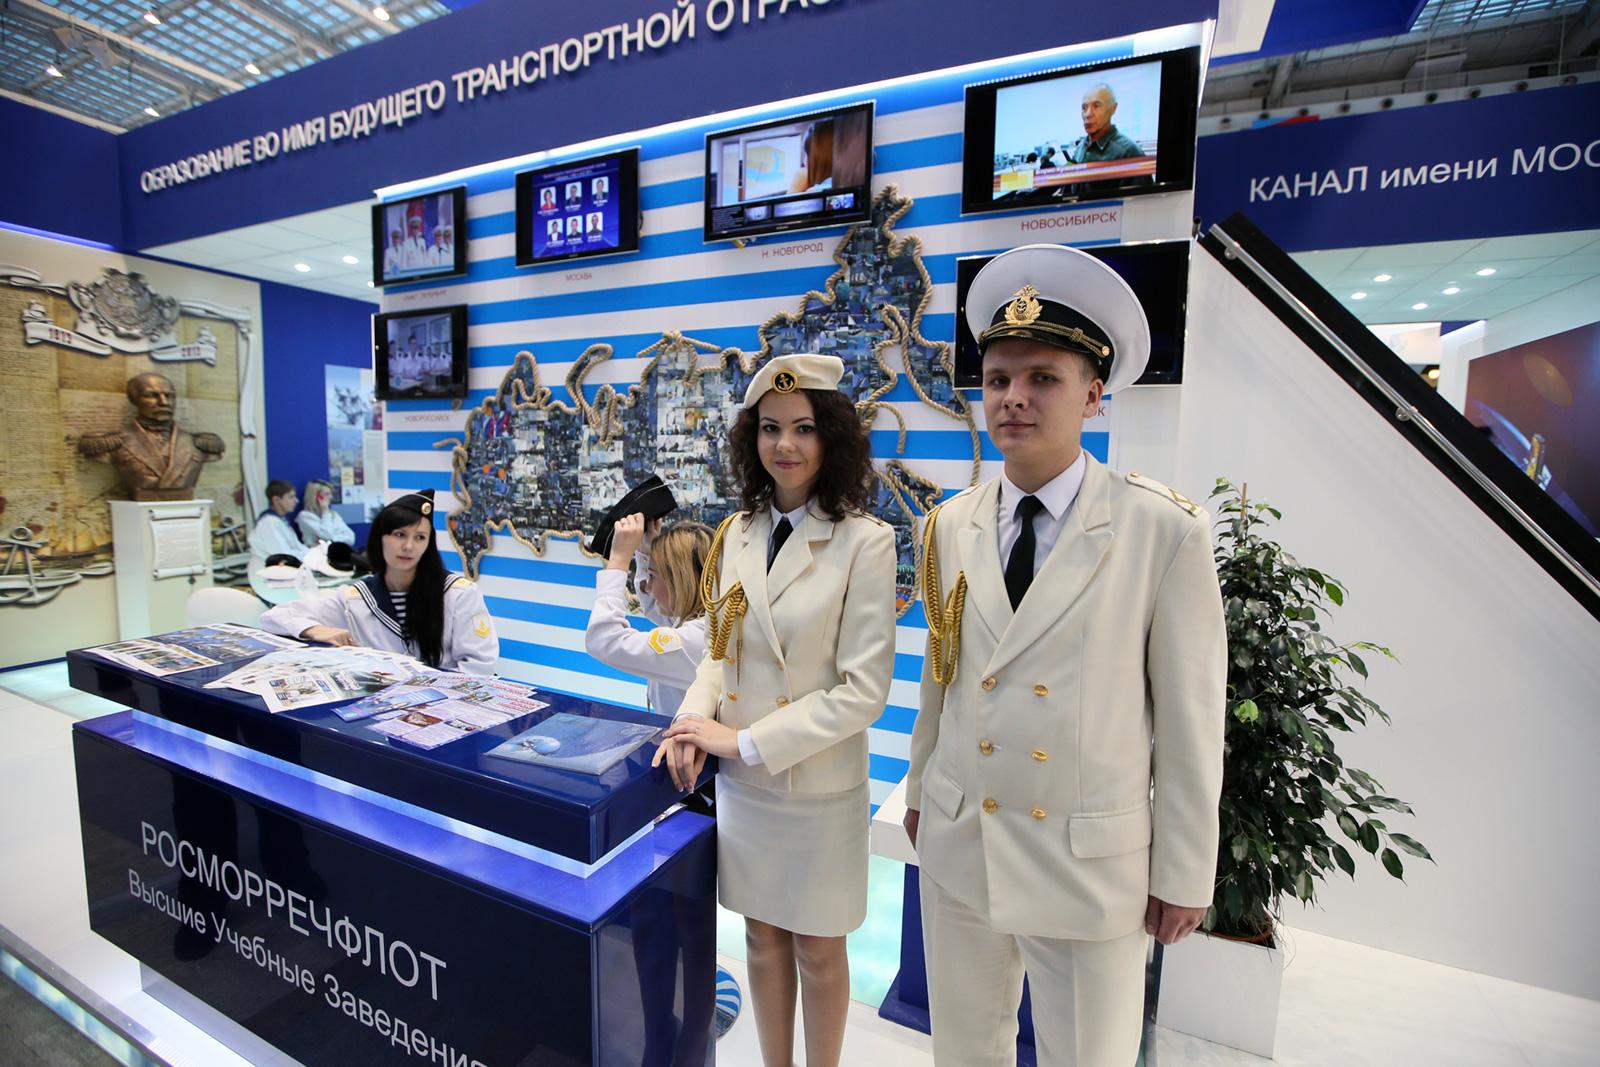 Ix международной выставки транспорт россии джо витале как быстро заработать в интернете